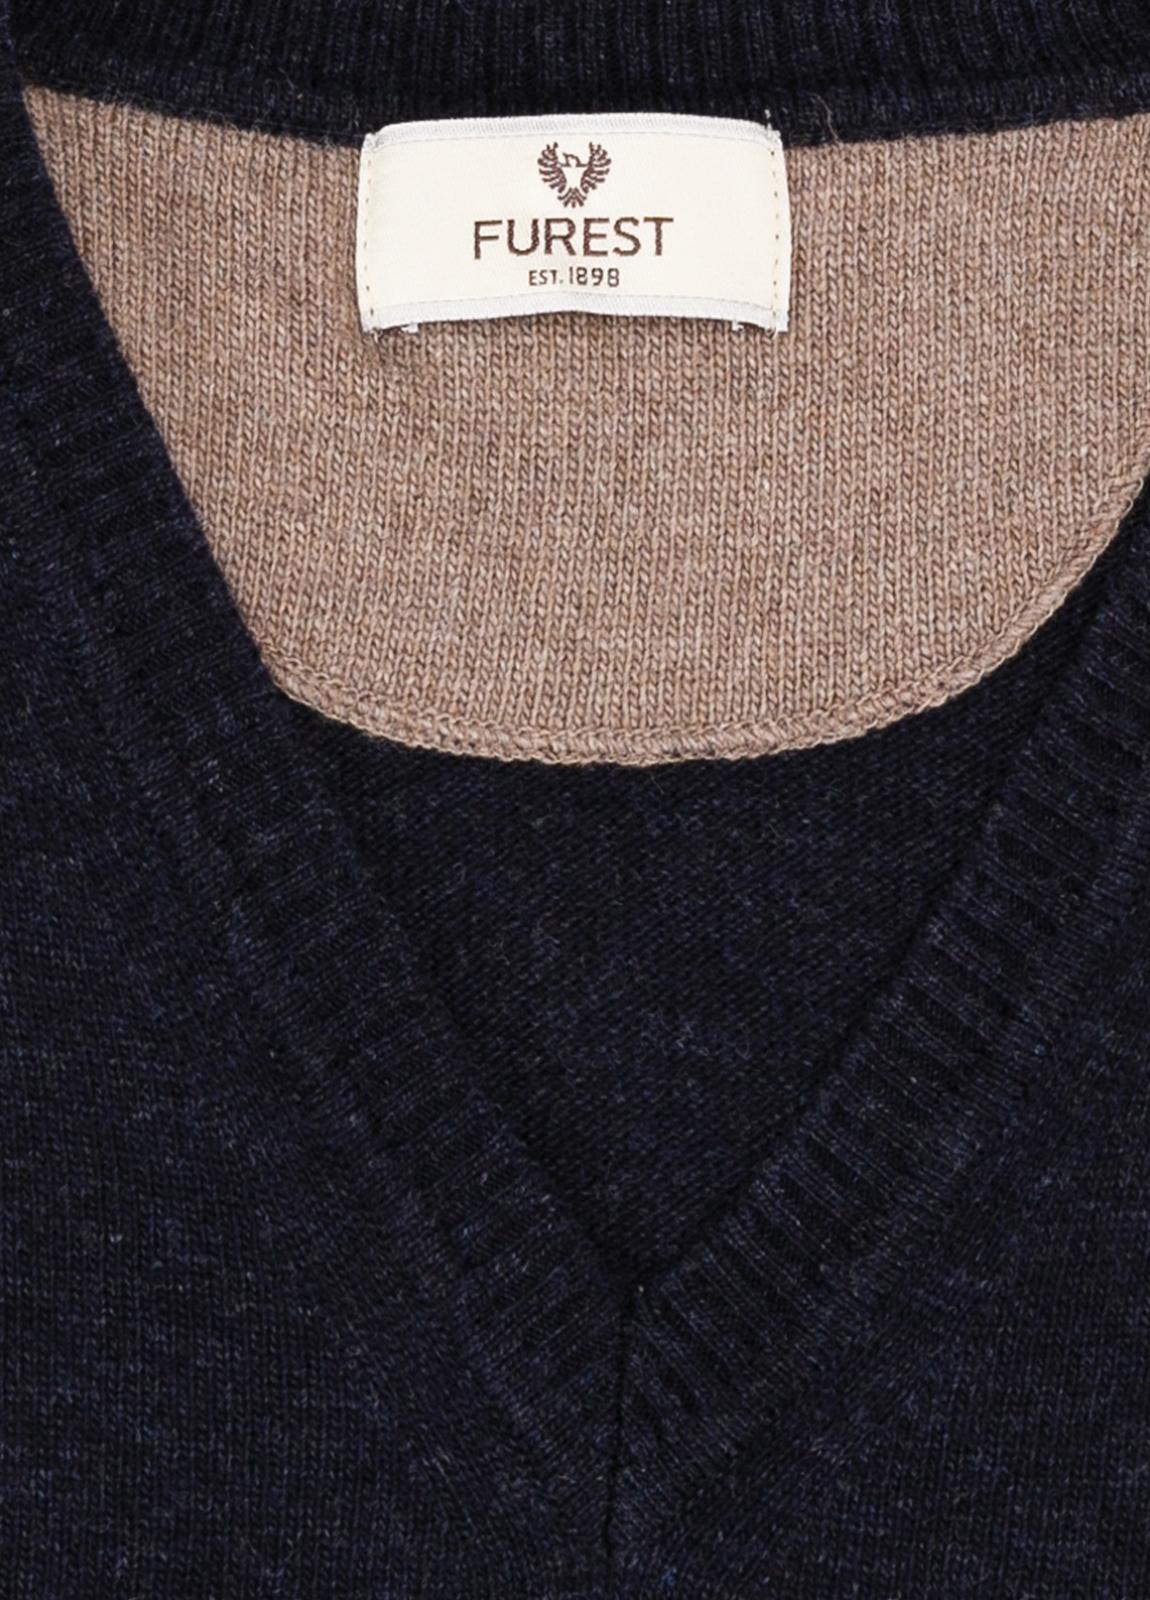 Jersey liso cuello pico color azul marino, 40% lana merino, 20% viscosa, 10% cachemire